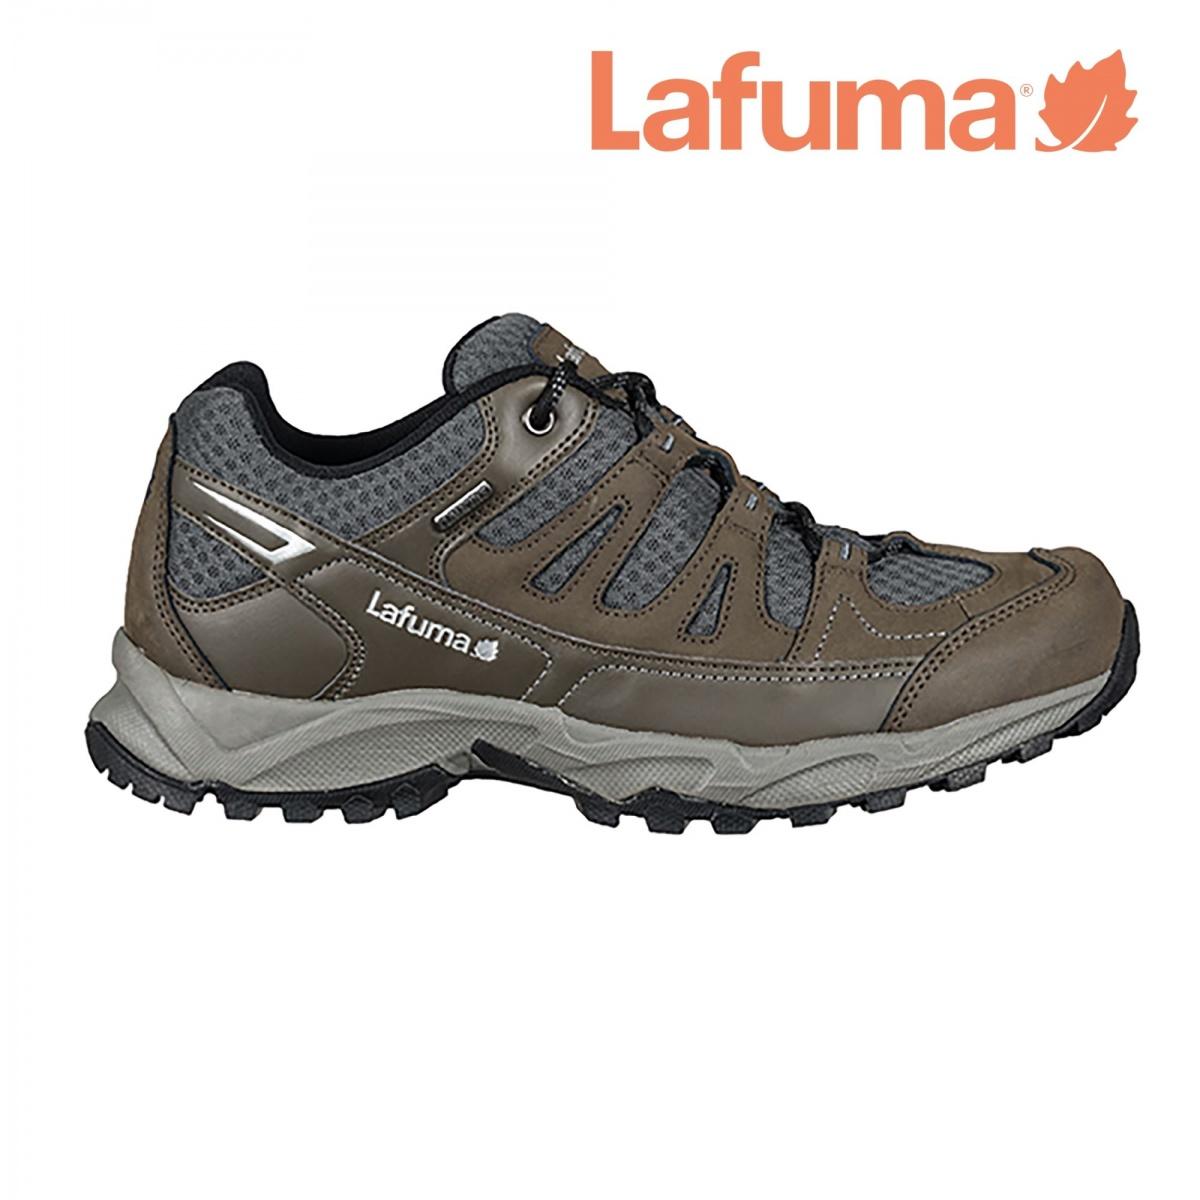 Pánské boty Lafuma - LAFTRACK CLIMACTIVE M – hnědá  fe2af4dc49